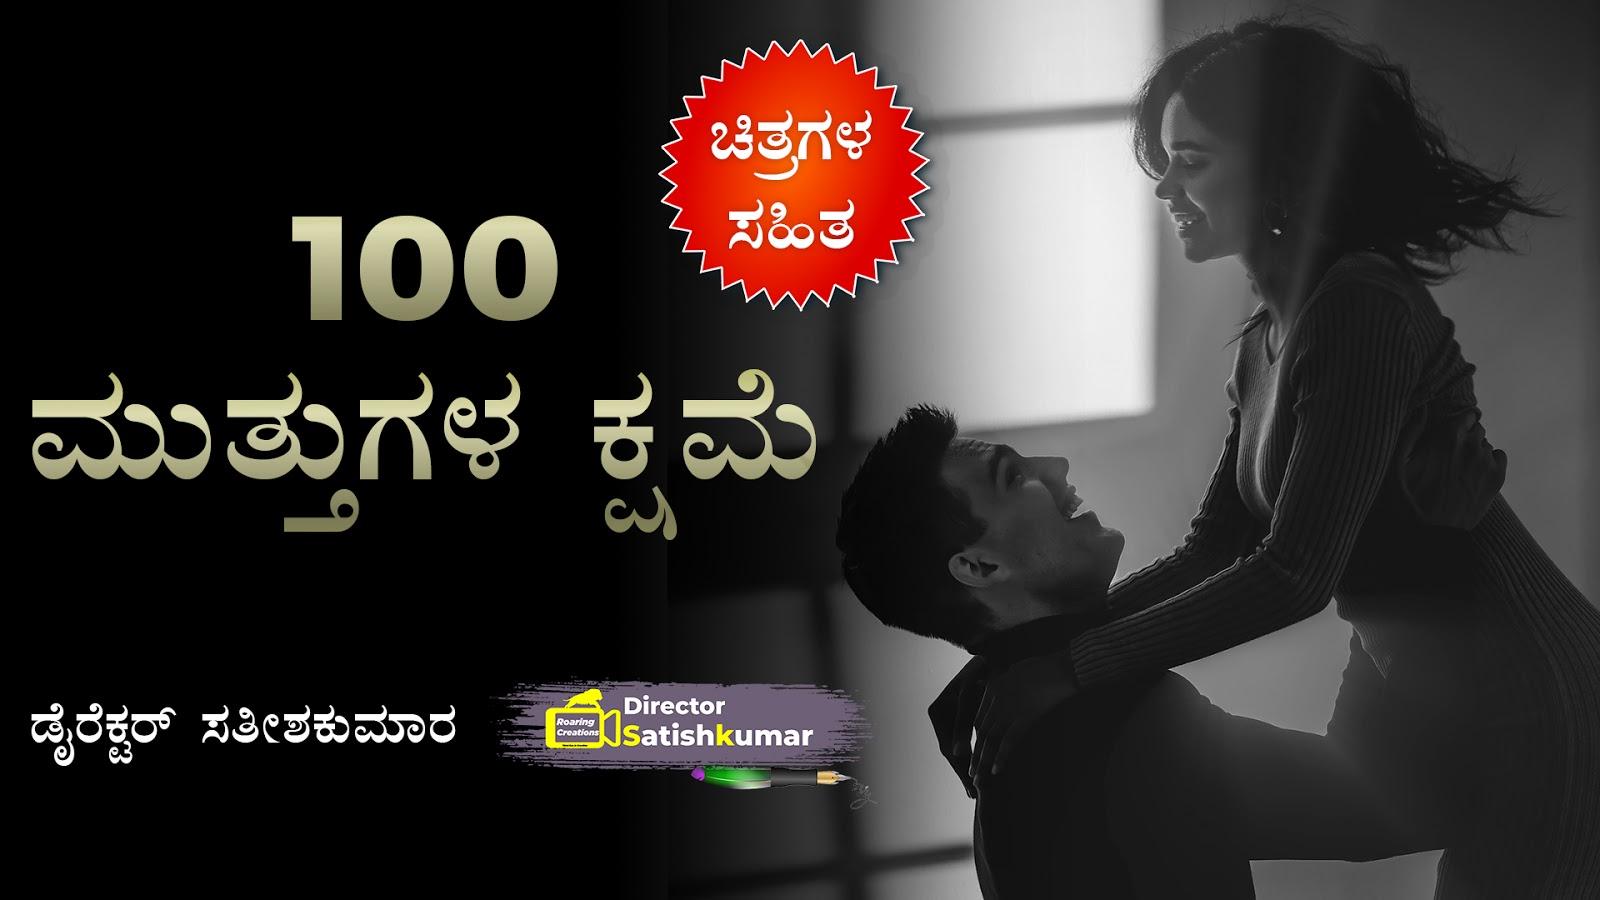 100 ಮುತ್ತುಗಳ ಕ್ಷಮೆ : Romantic Love Story in Kannada - ಕನ್ನಡ ಕಥೆ ಪುಸ್ತಕಗಳು - Kannada Story Books -  E Books Kannada - Kannada Books